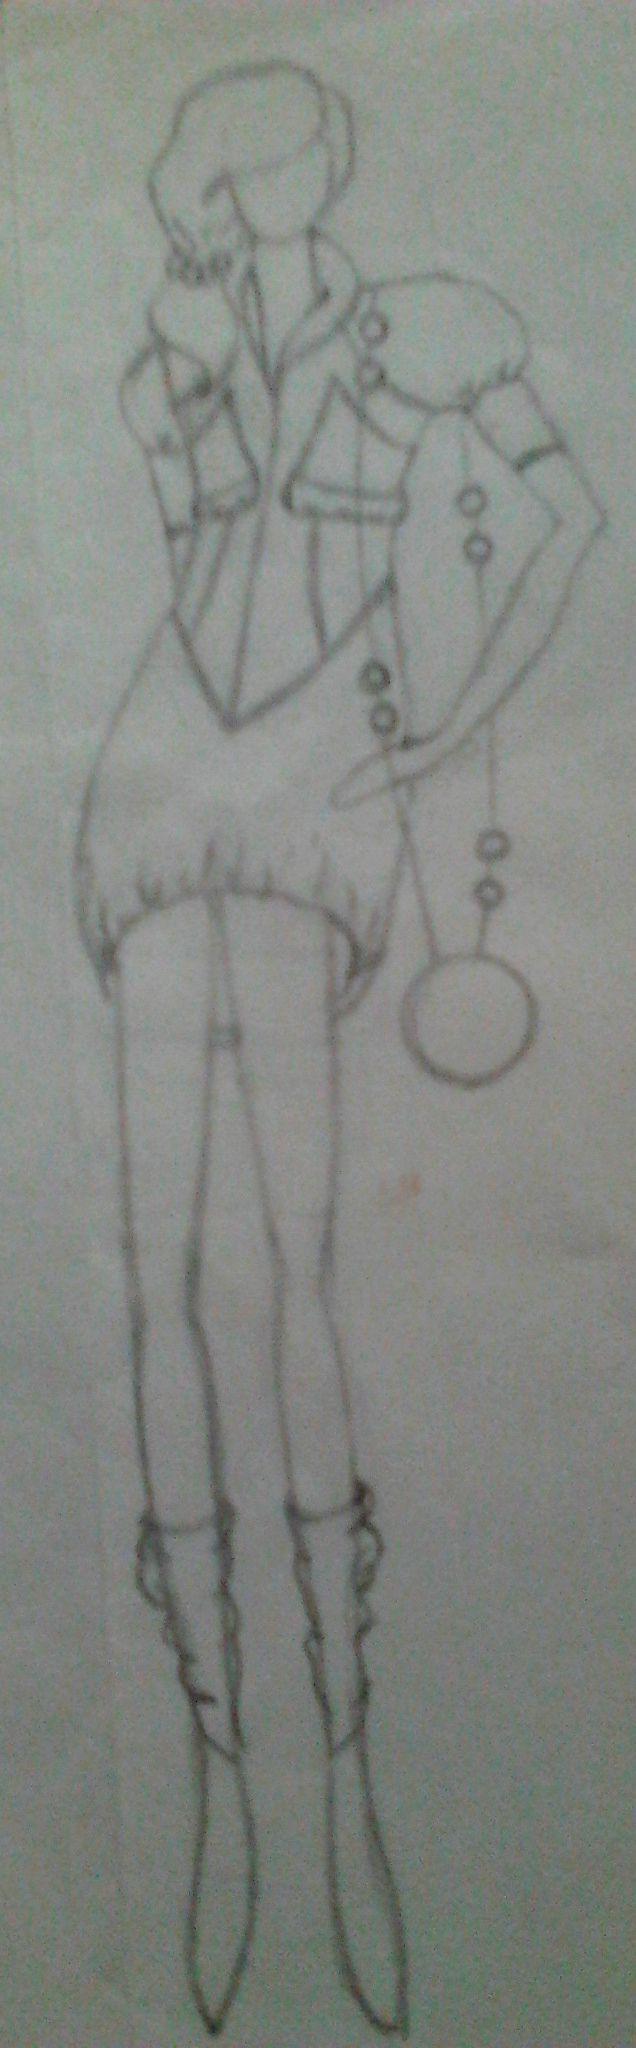 sketch pencil